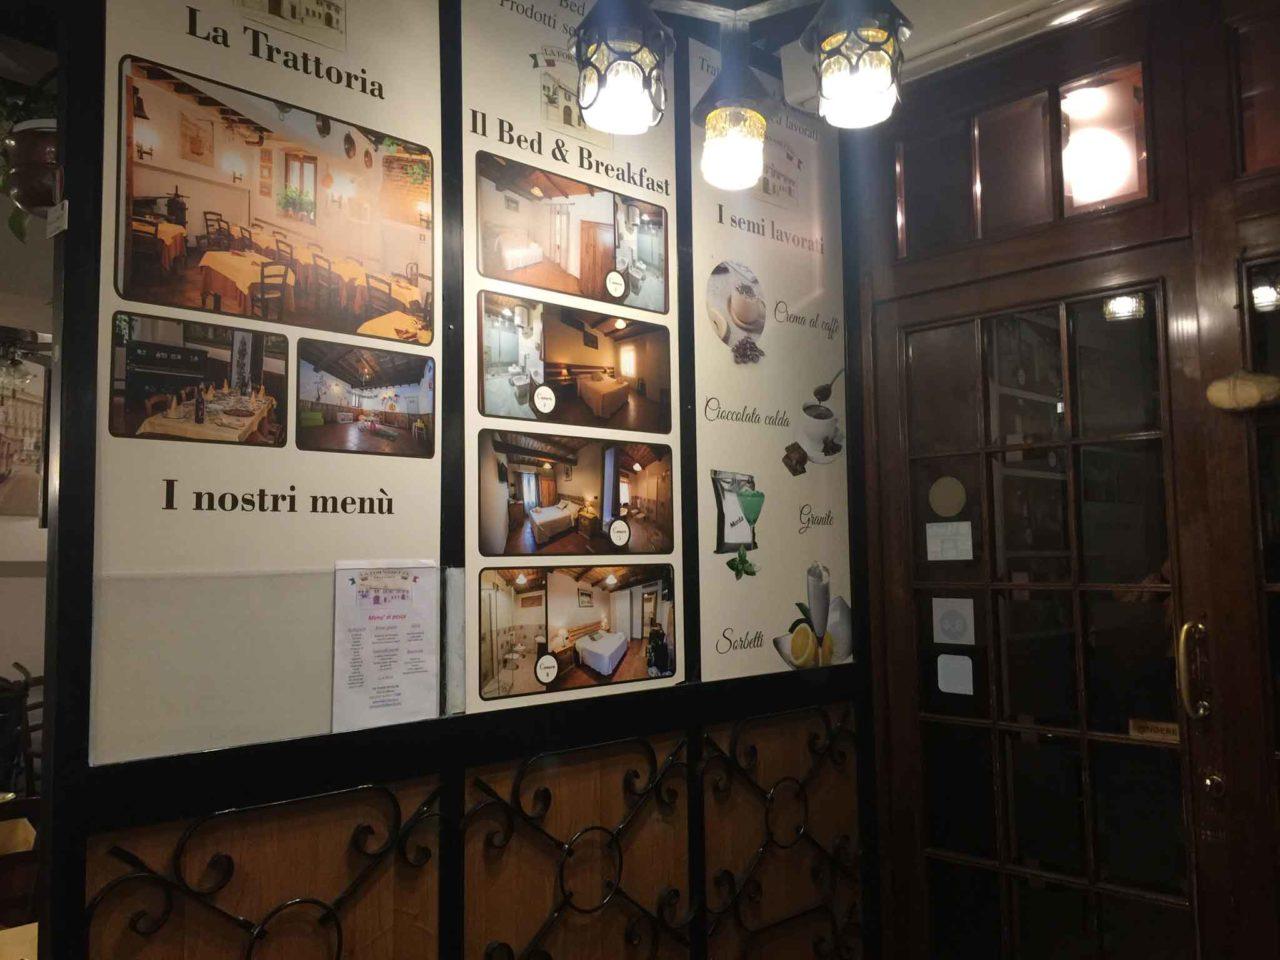 La Fornasetta trattoria Milano ingresso